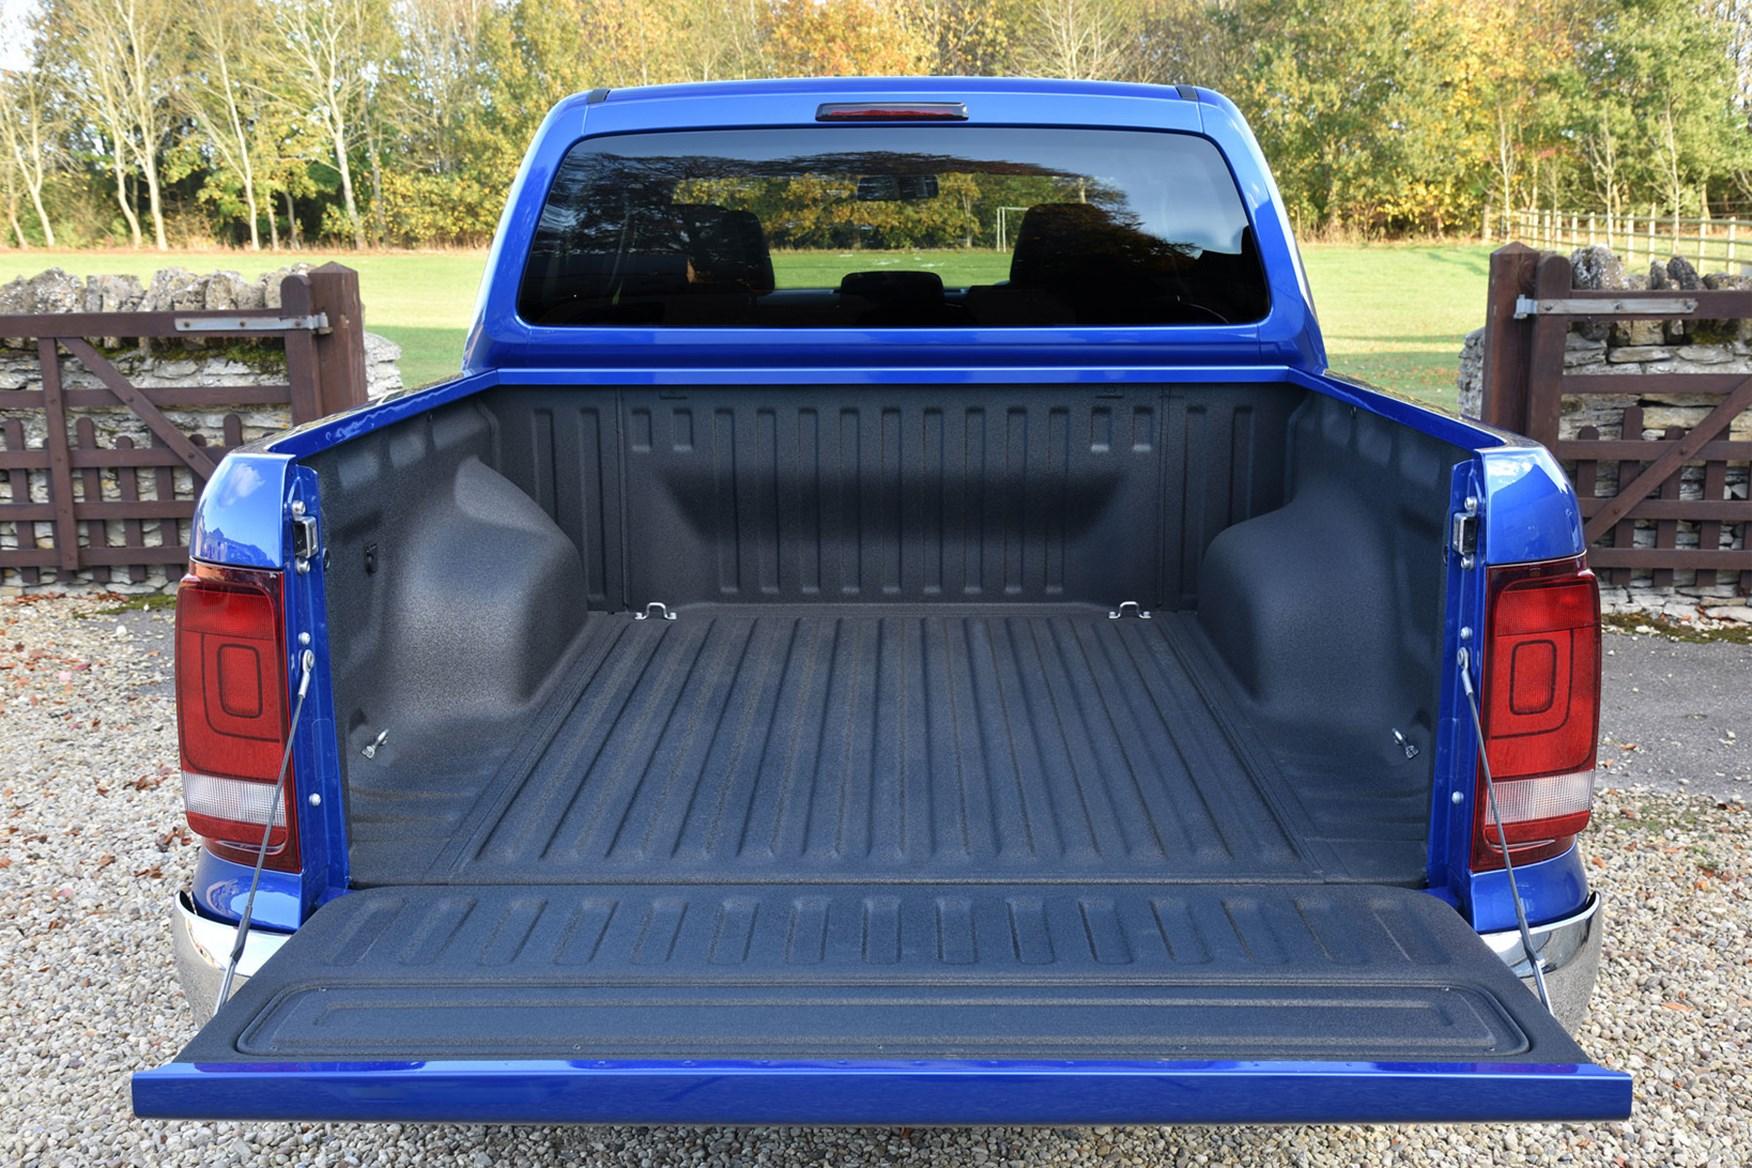 VW Amarok load area - dead-on rear view, tailgate down